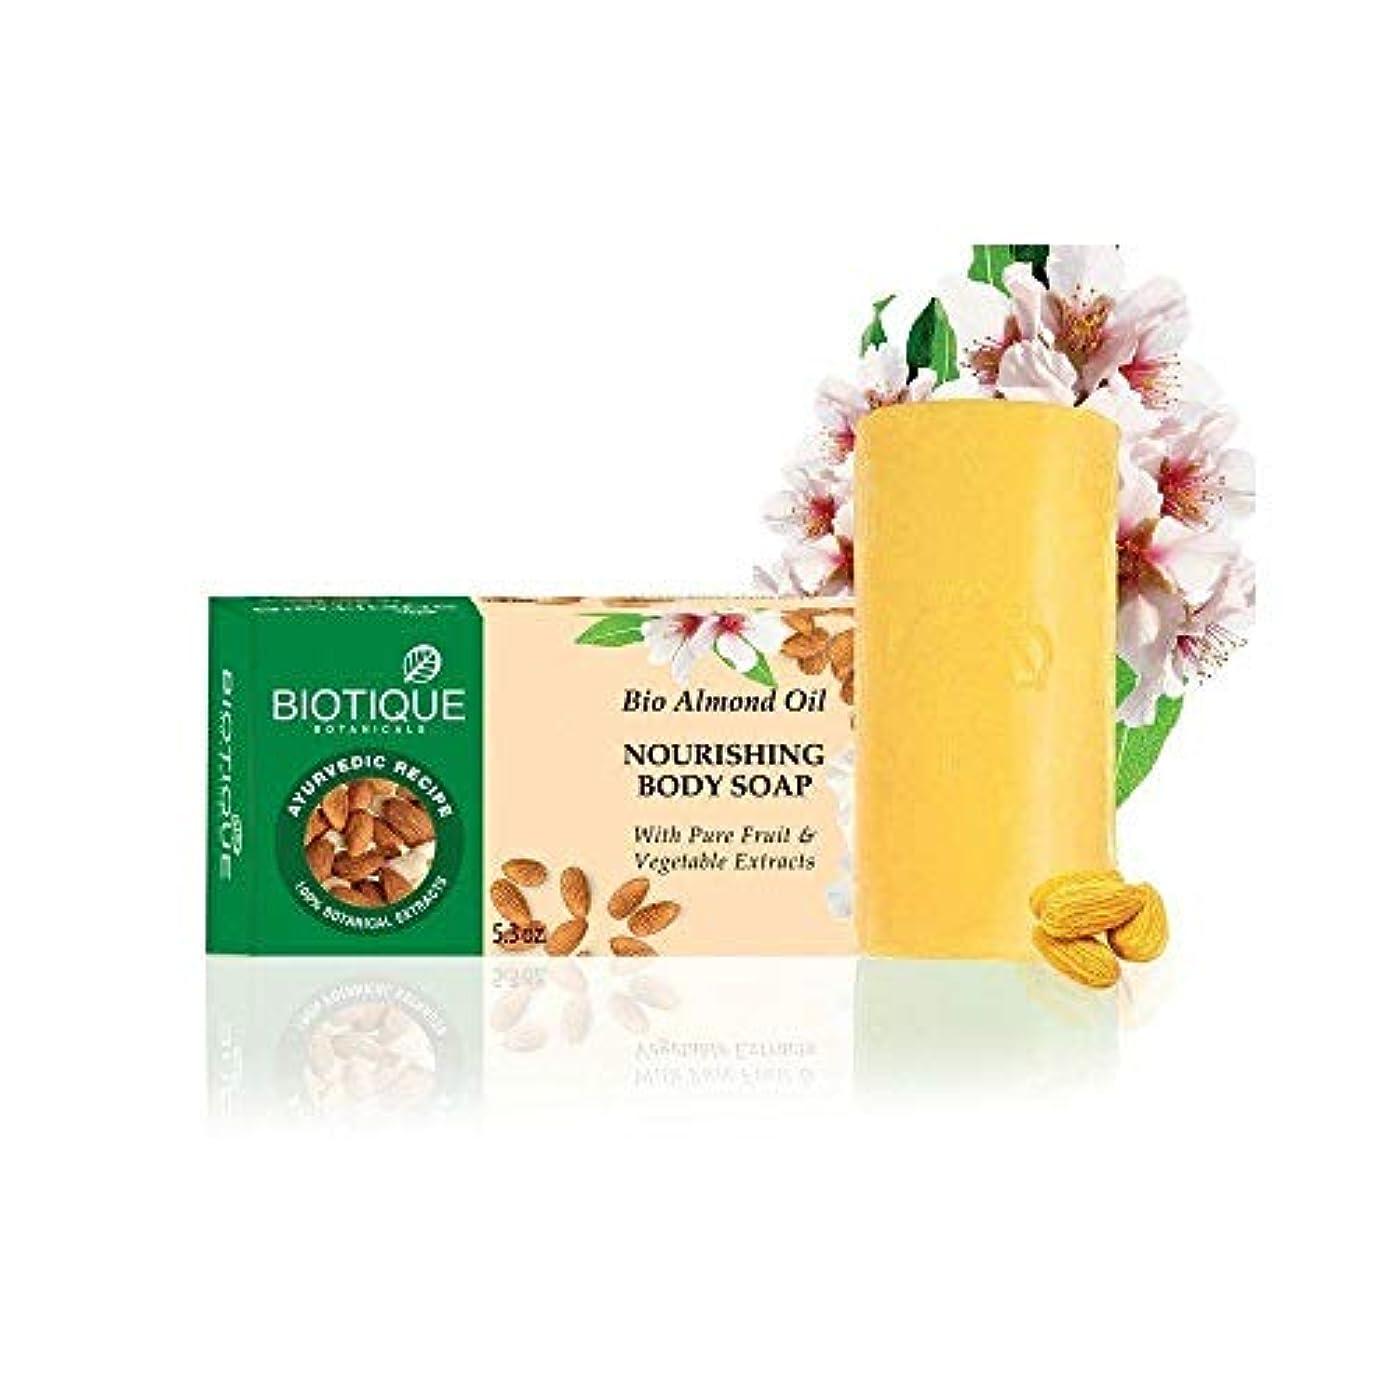 垂直対応古風なBiotique Bio Almond Oil Nourishing Body Soap - 150g (Pack of 2) wash Impurities Biotique Bio Almond Oilナリッシングボディソープ...